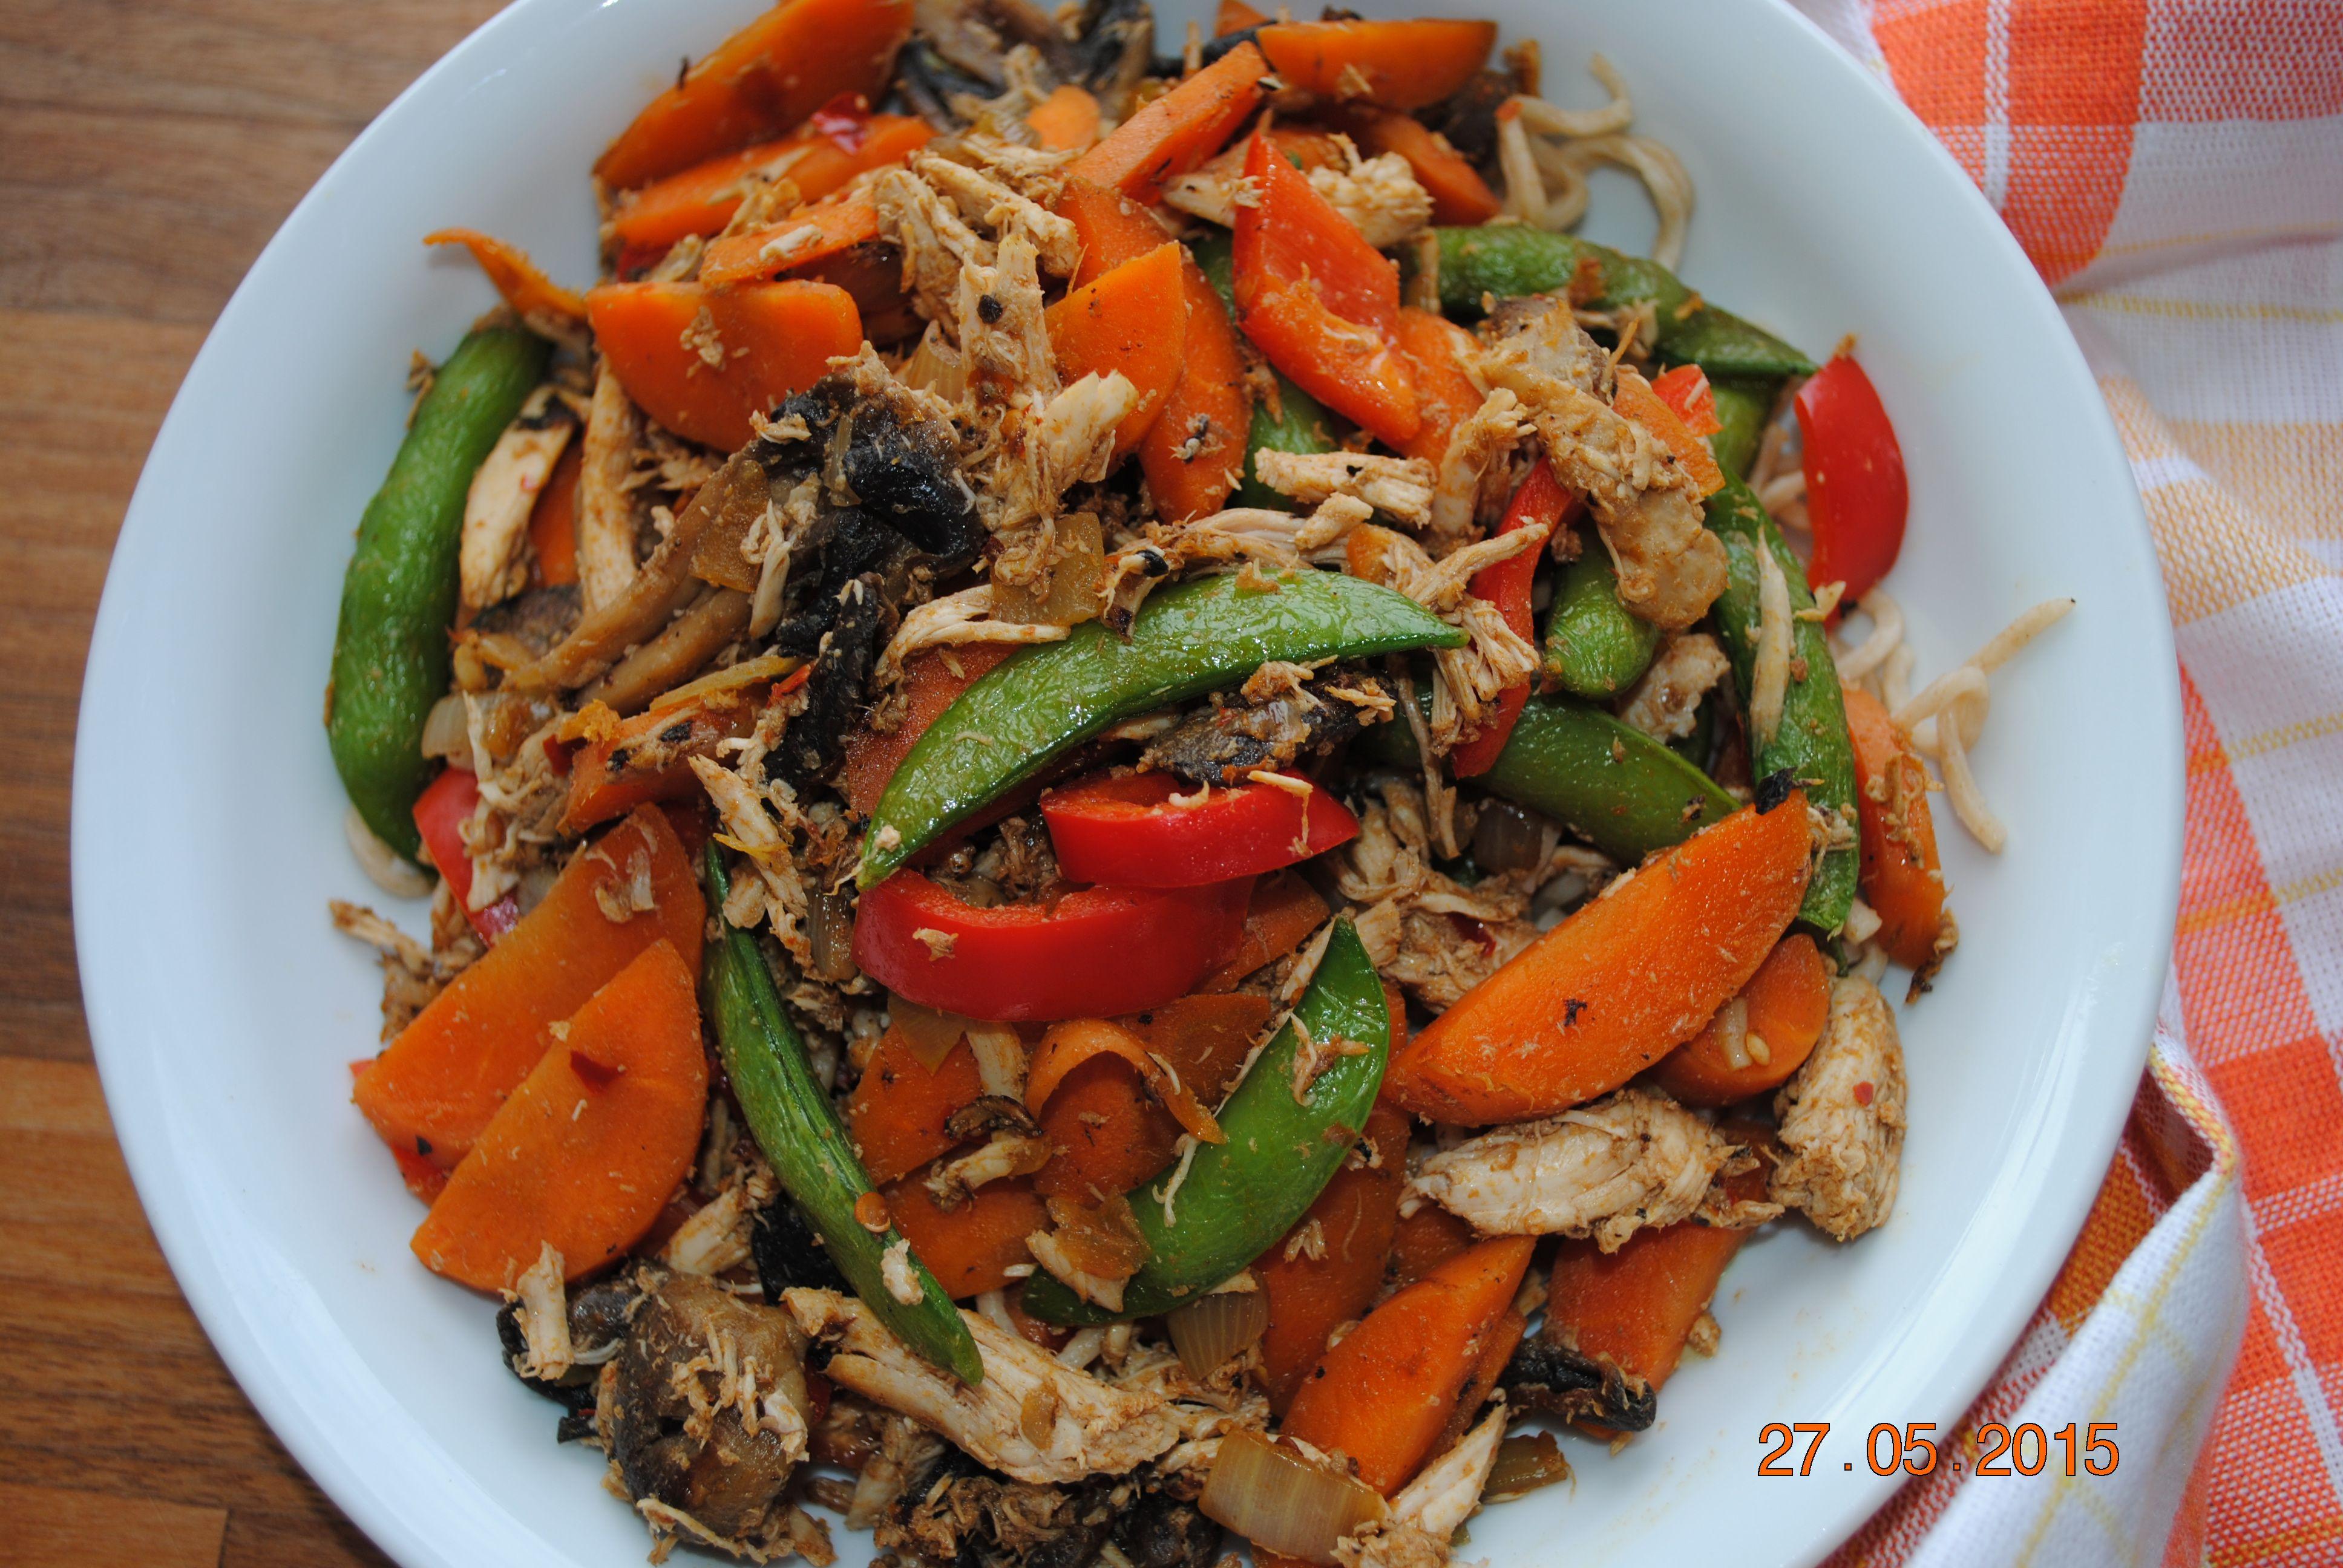 Nem wokret med rester af grøntsager fra køleskabet, en rest kylling og grove nudler.